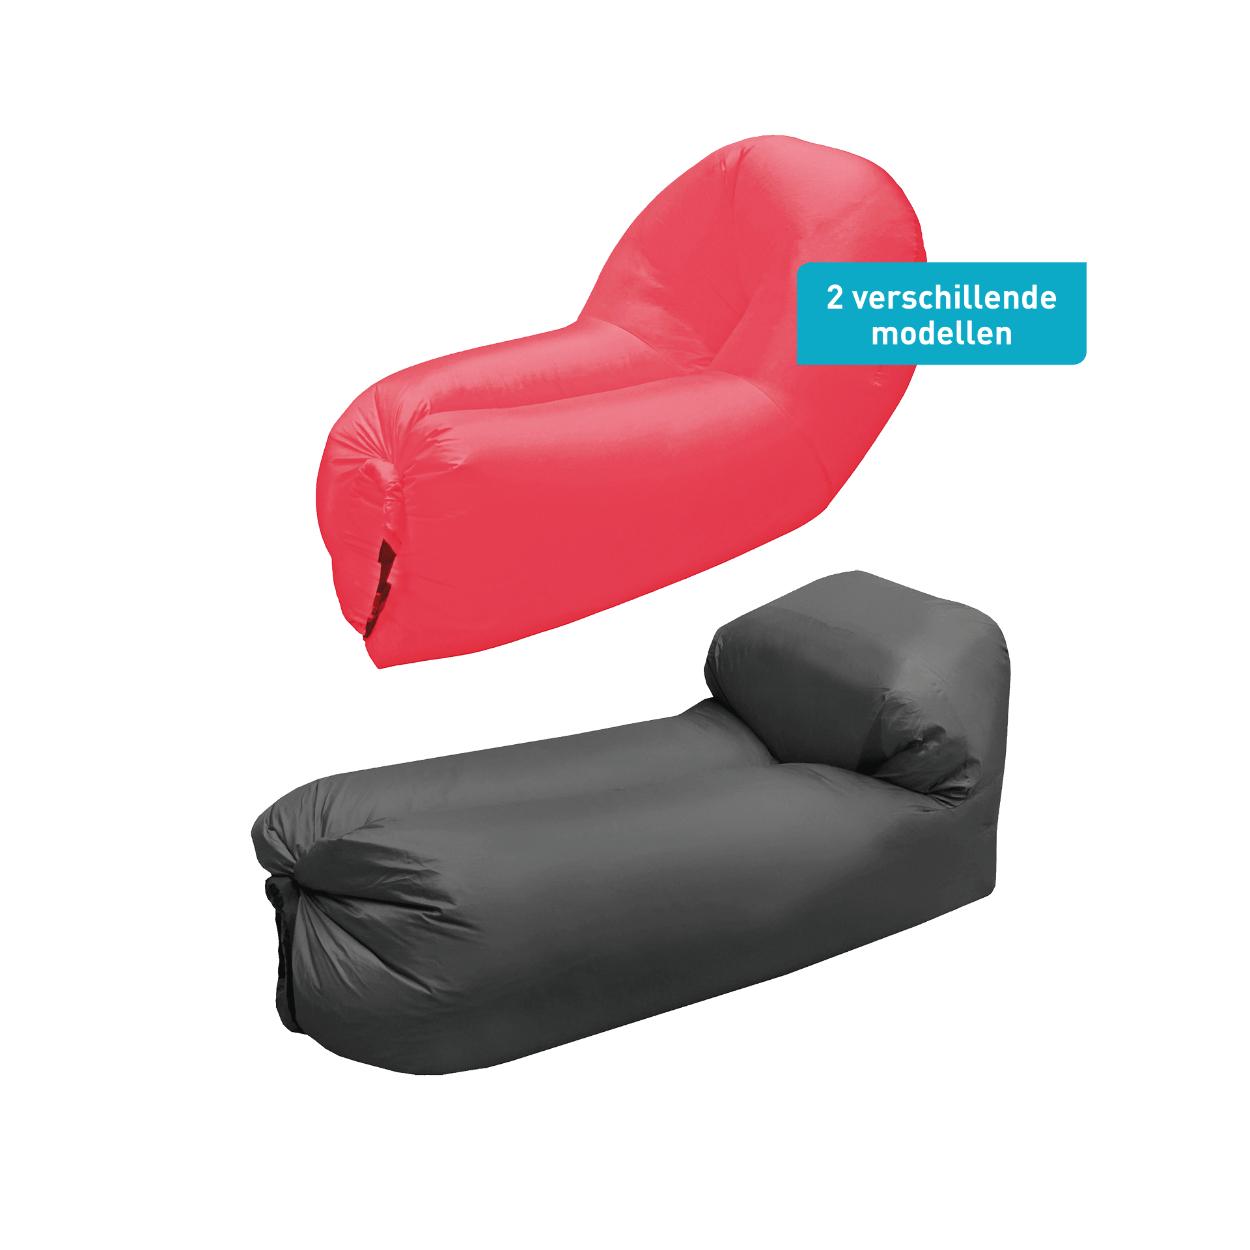 Air lounger voor maar 9.99€ bij de Aldi